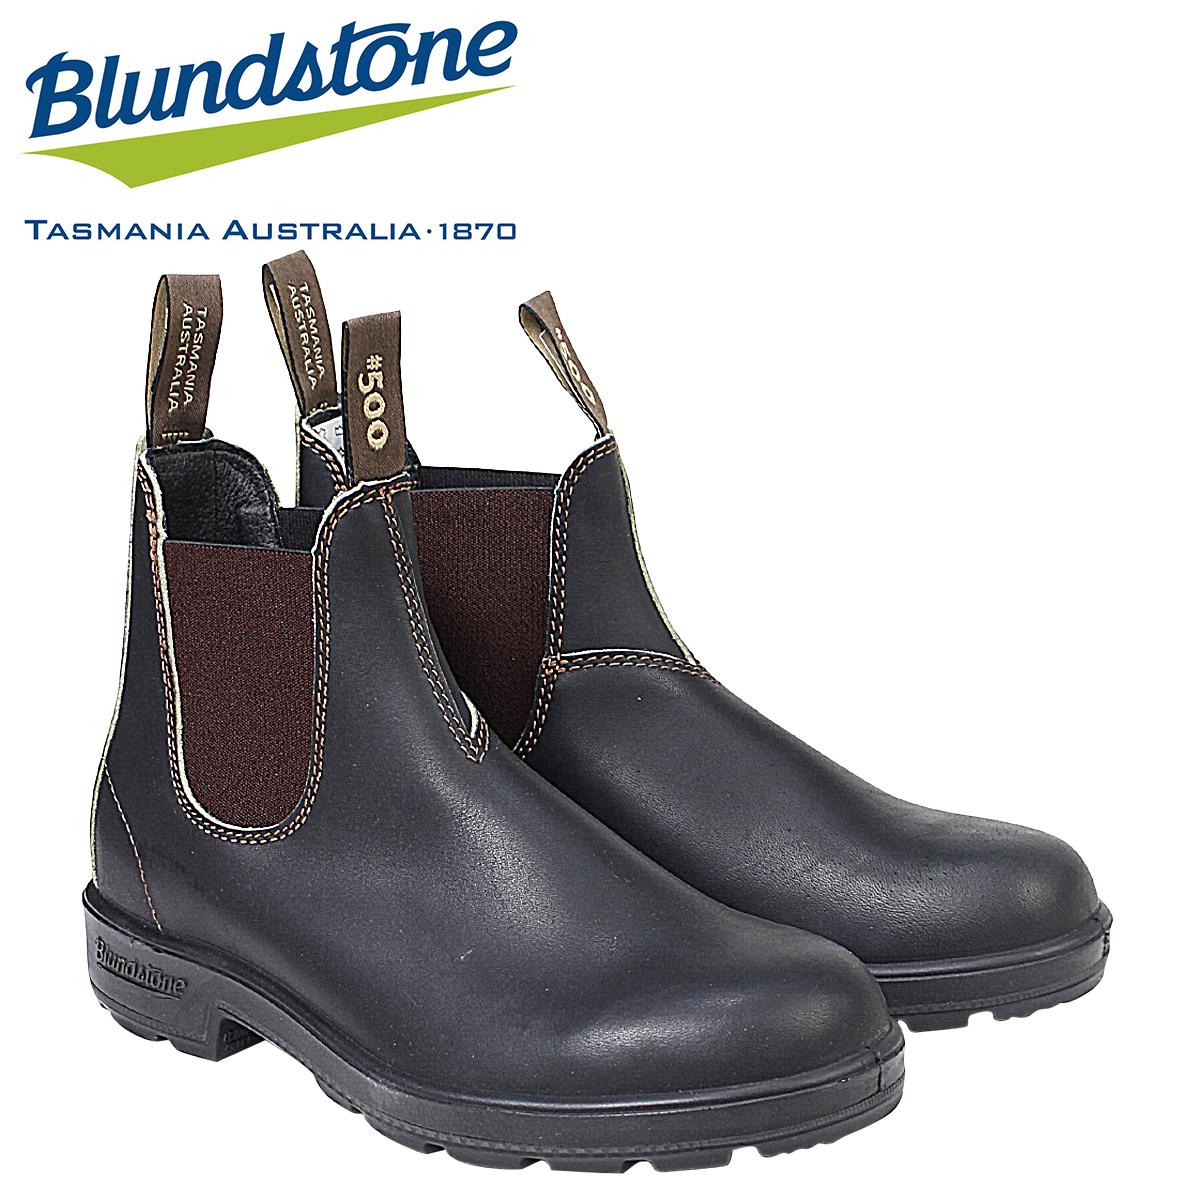 ブランドストーン Blundstone サイドゴア メンズ 500 ブーツ DRESS V CUT BOOTS ブラウン